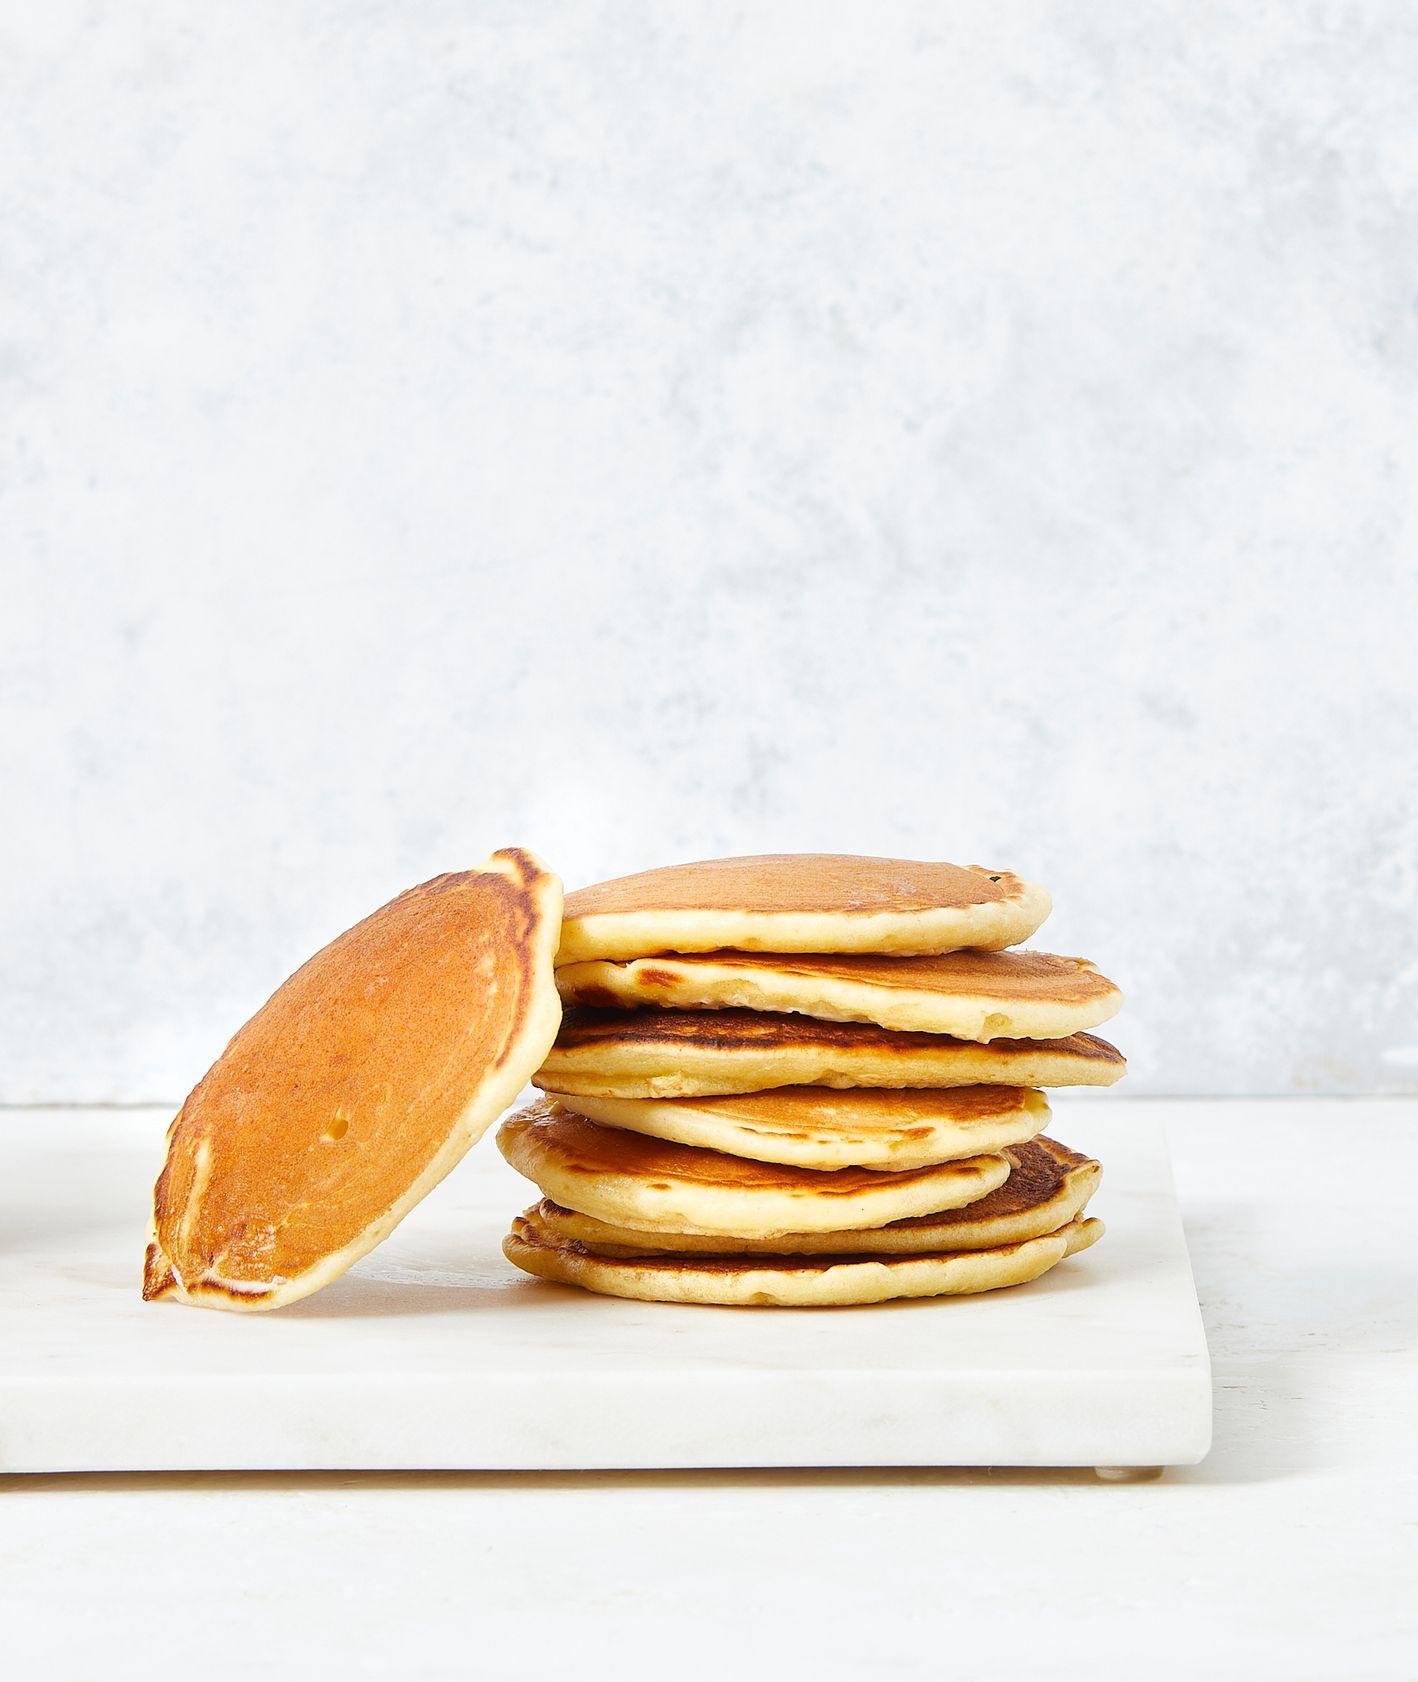 Jak zrobić pankiejki, przepis na amerykańskie naleśniki, pancakes, amerykańskie śniadanie (fot. Maciek Niemojewski)